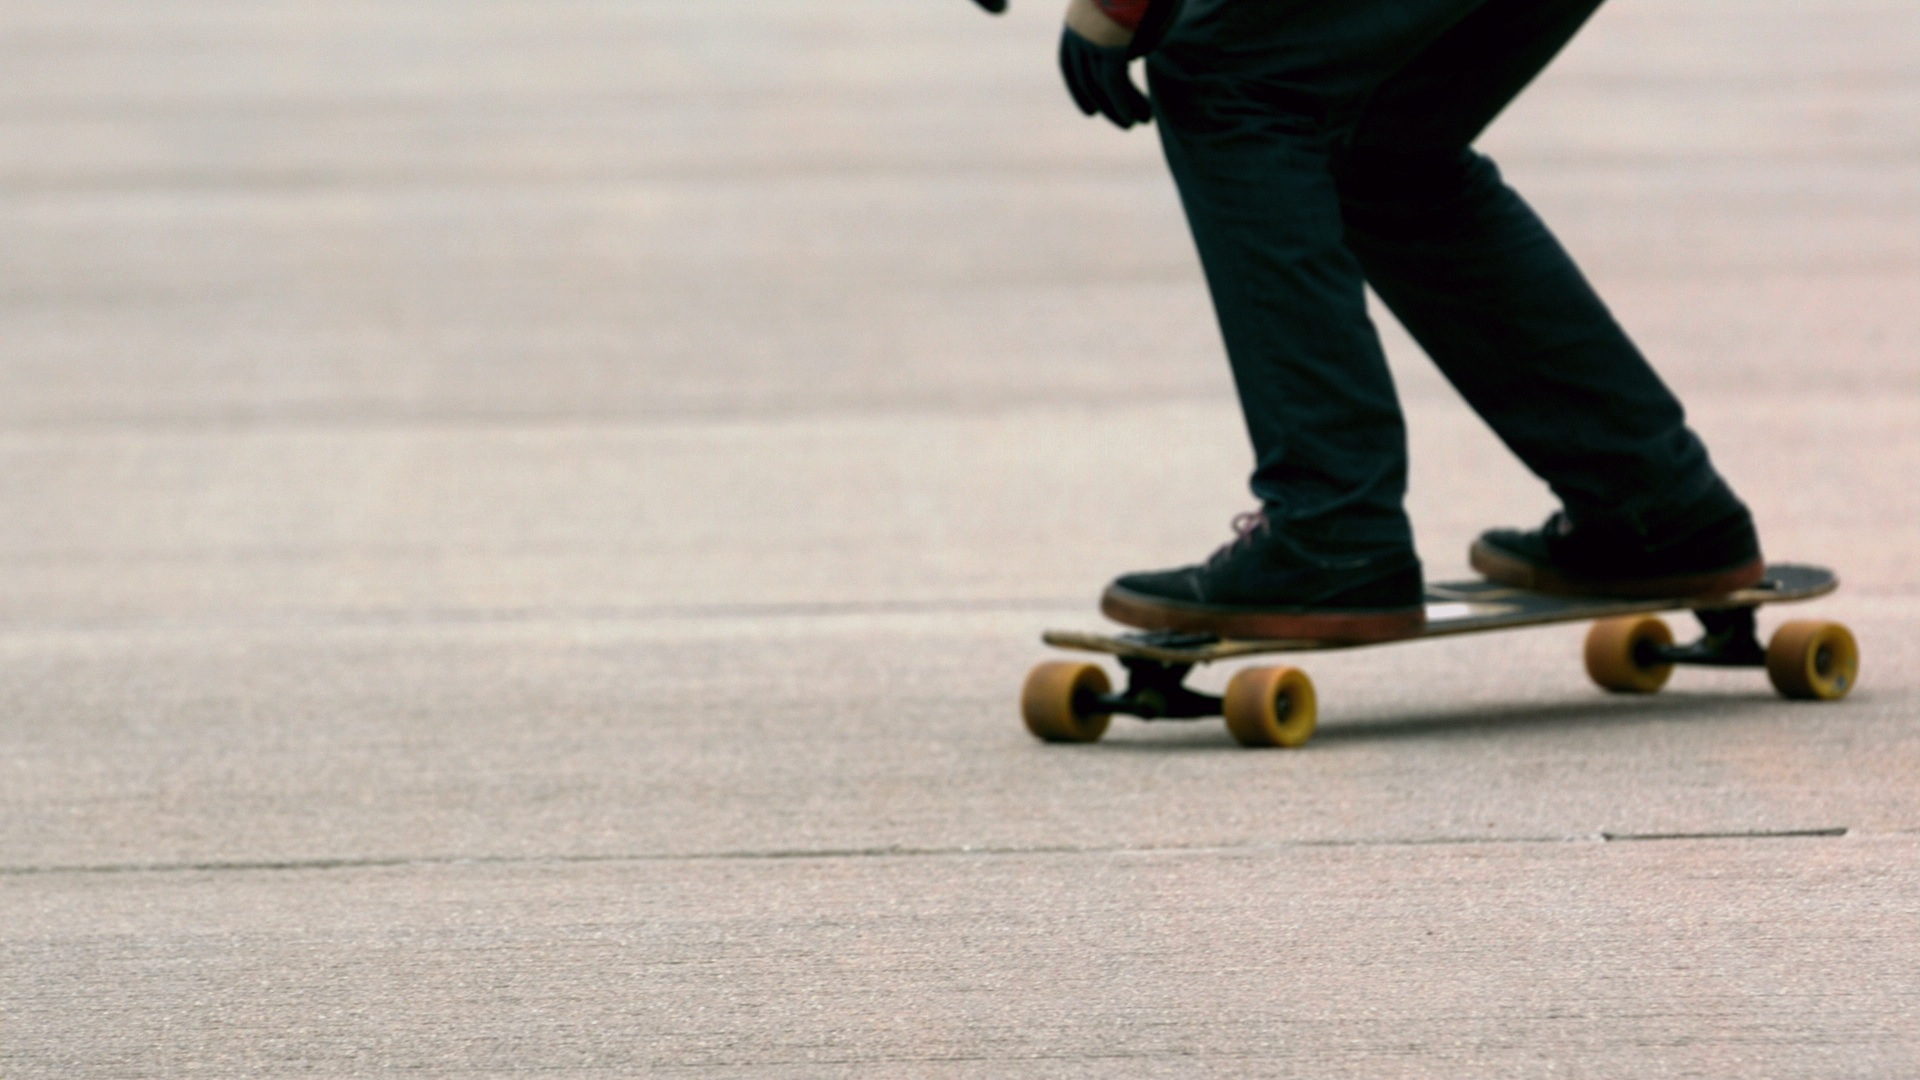 Skateboarding wallpaper tumblr